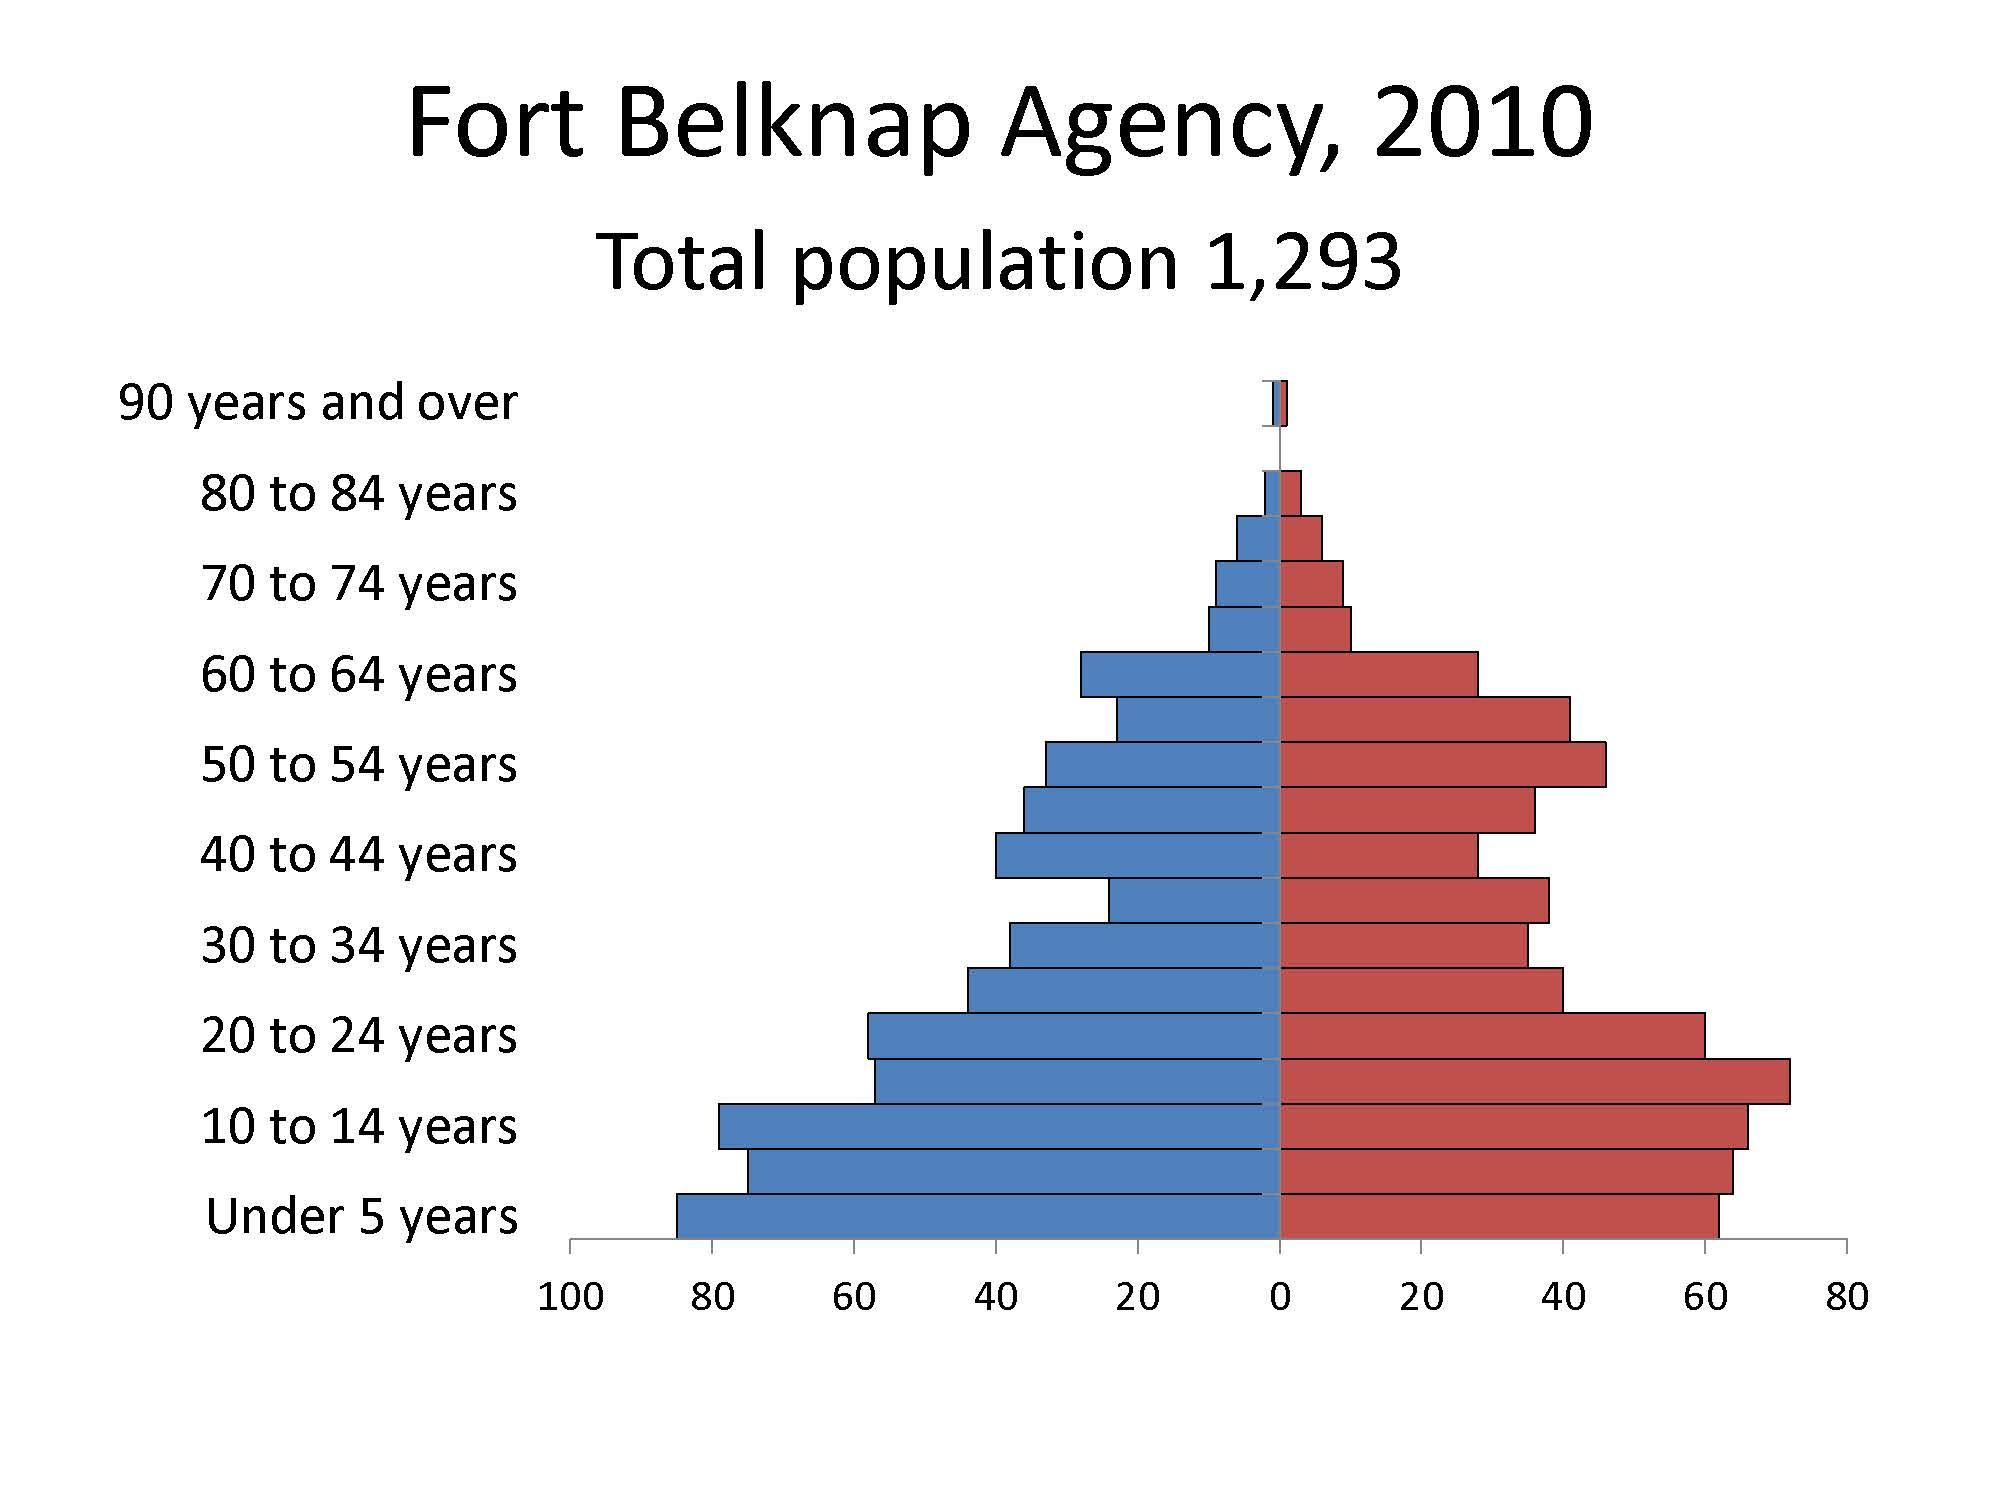 Fort Belknap Agency